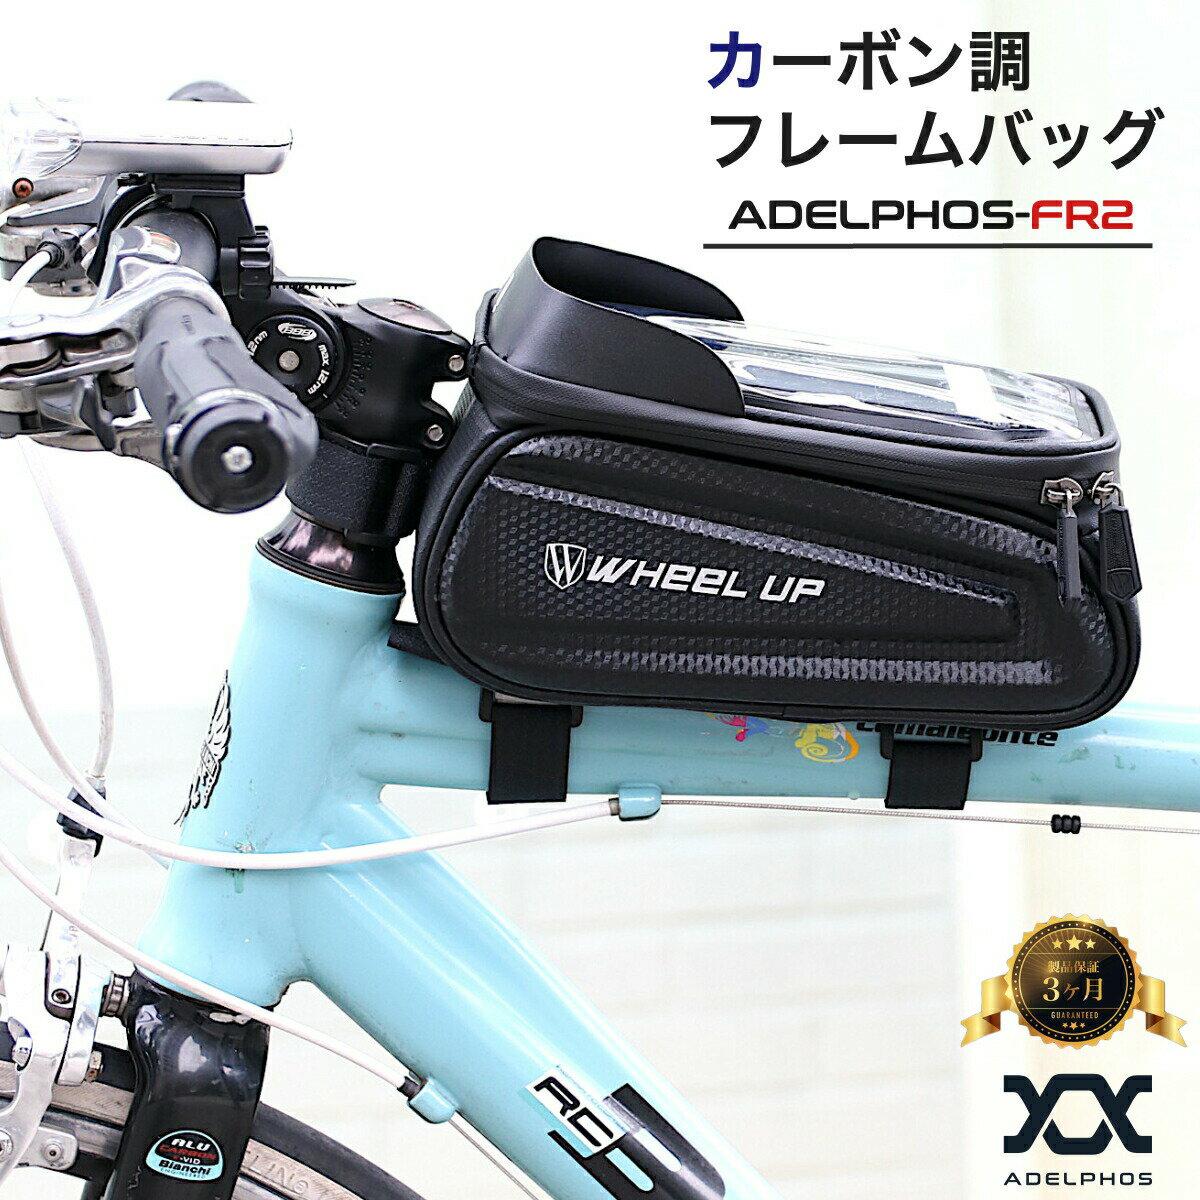 自転車用アクセサリー, アクセサリーホルダー 5 ADELPHOS-FR2